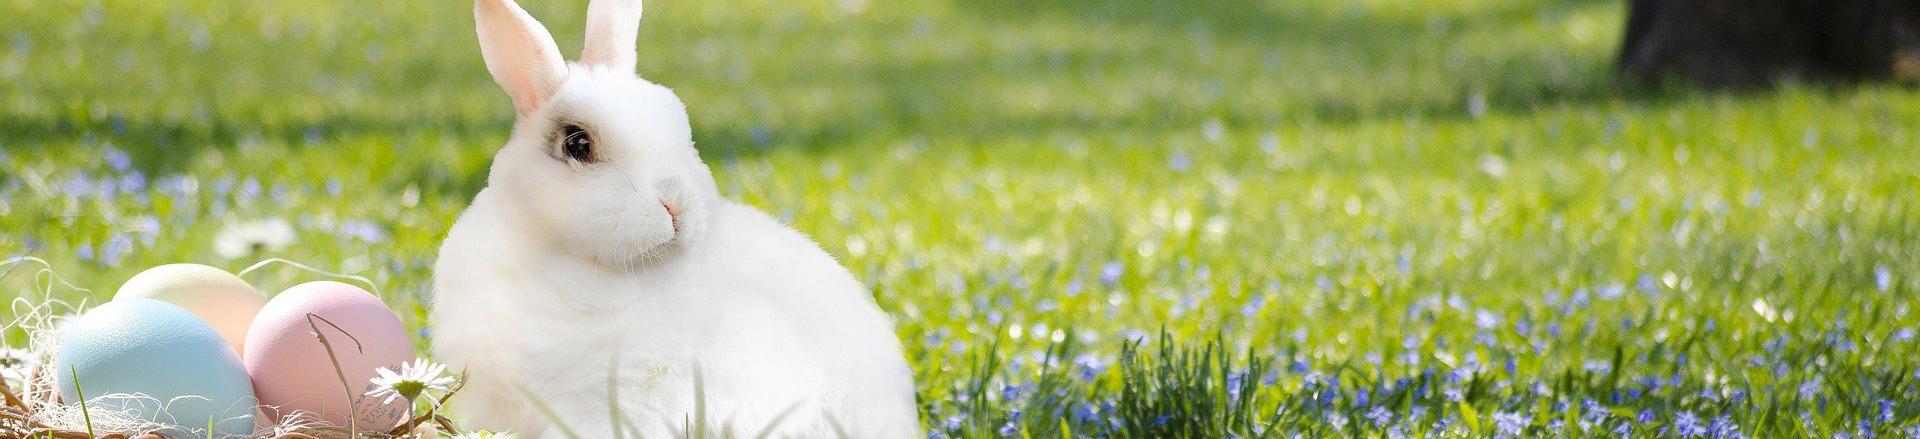 Wir wünschen Ihnen frohe Ostern !